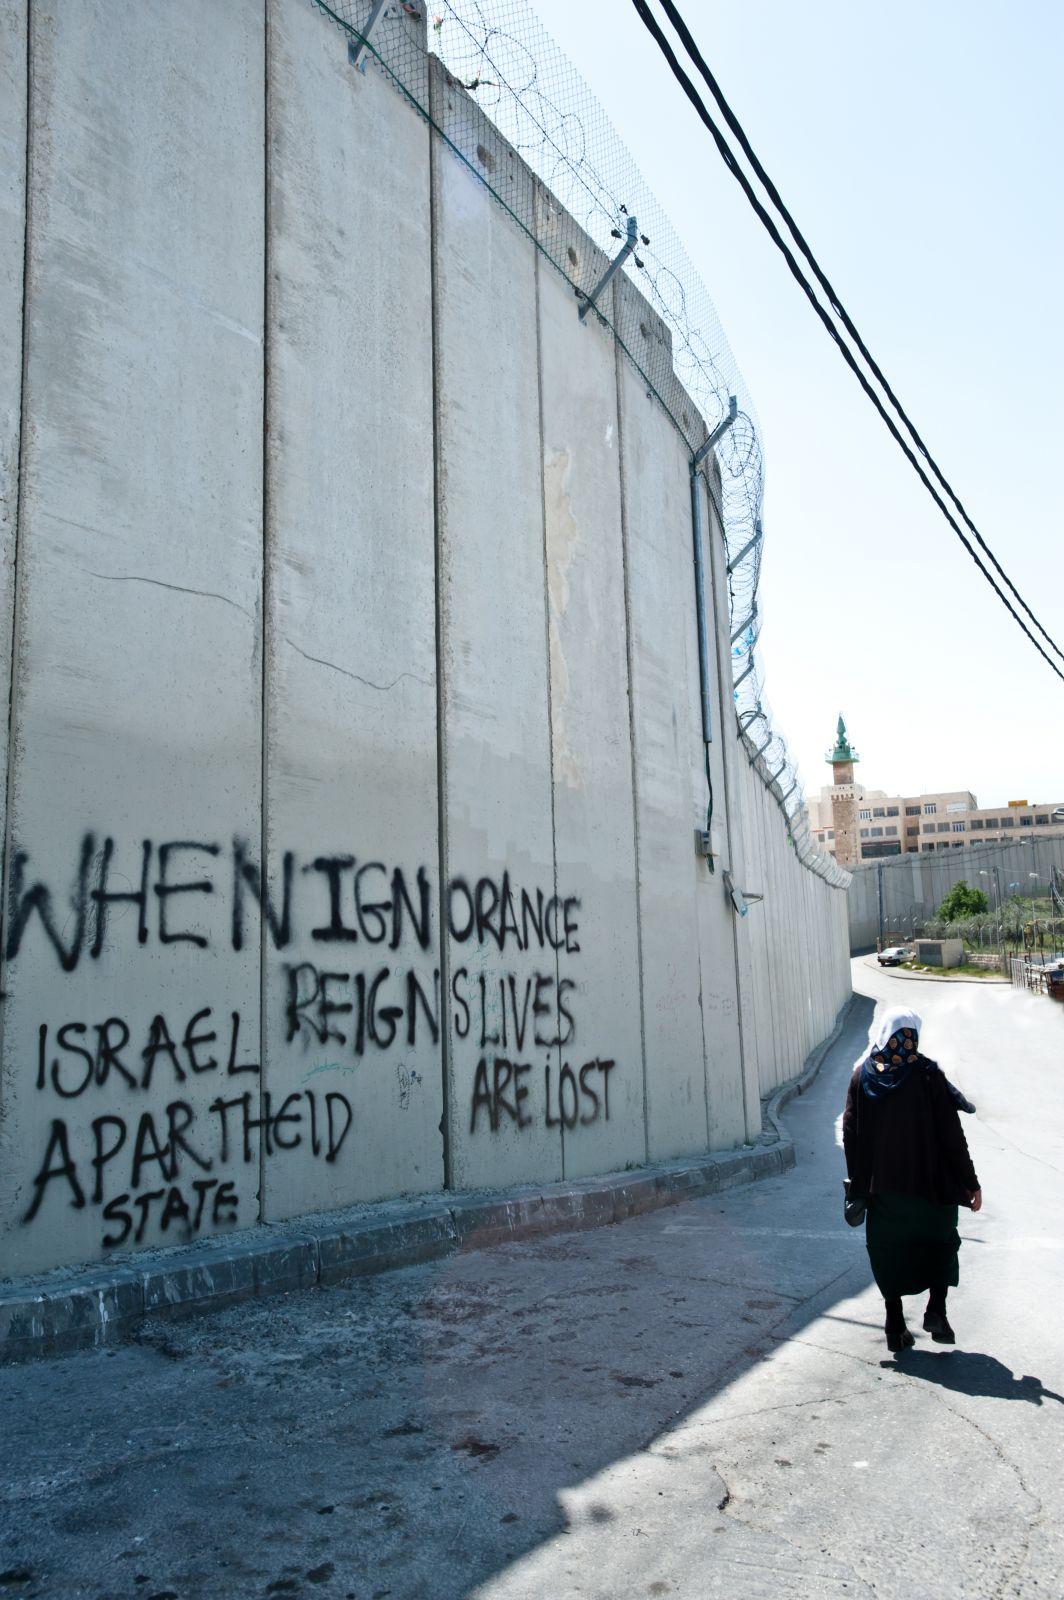 """גרפיטי נגד """"אפרטהייד"""" מרוסס על חומת ההפרדה במזרח ירושלים, 2011 (צילום: Ryan Rodrick Beiler / Shutterstock.com)"""